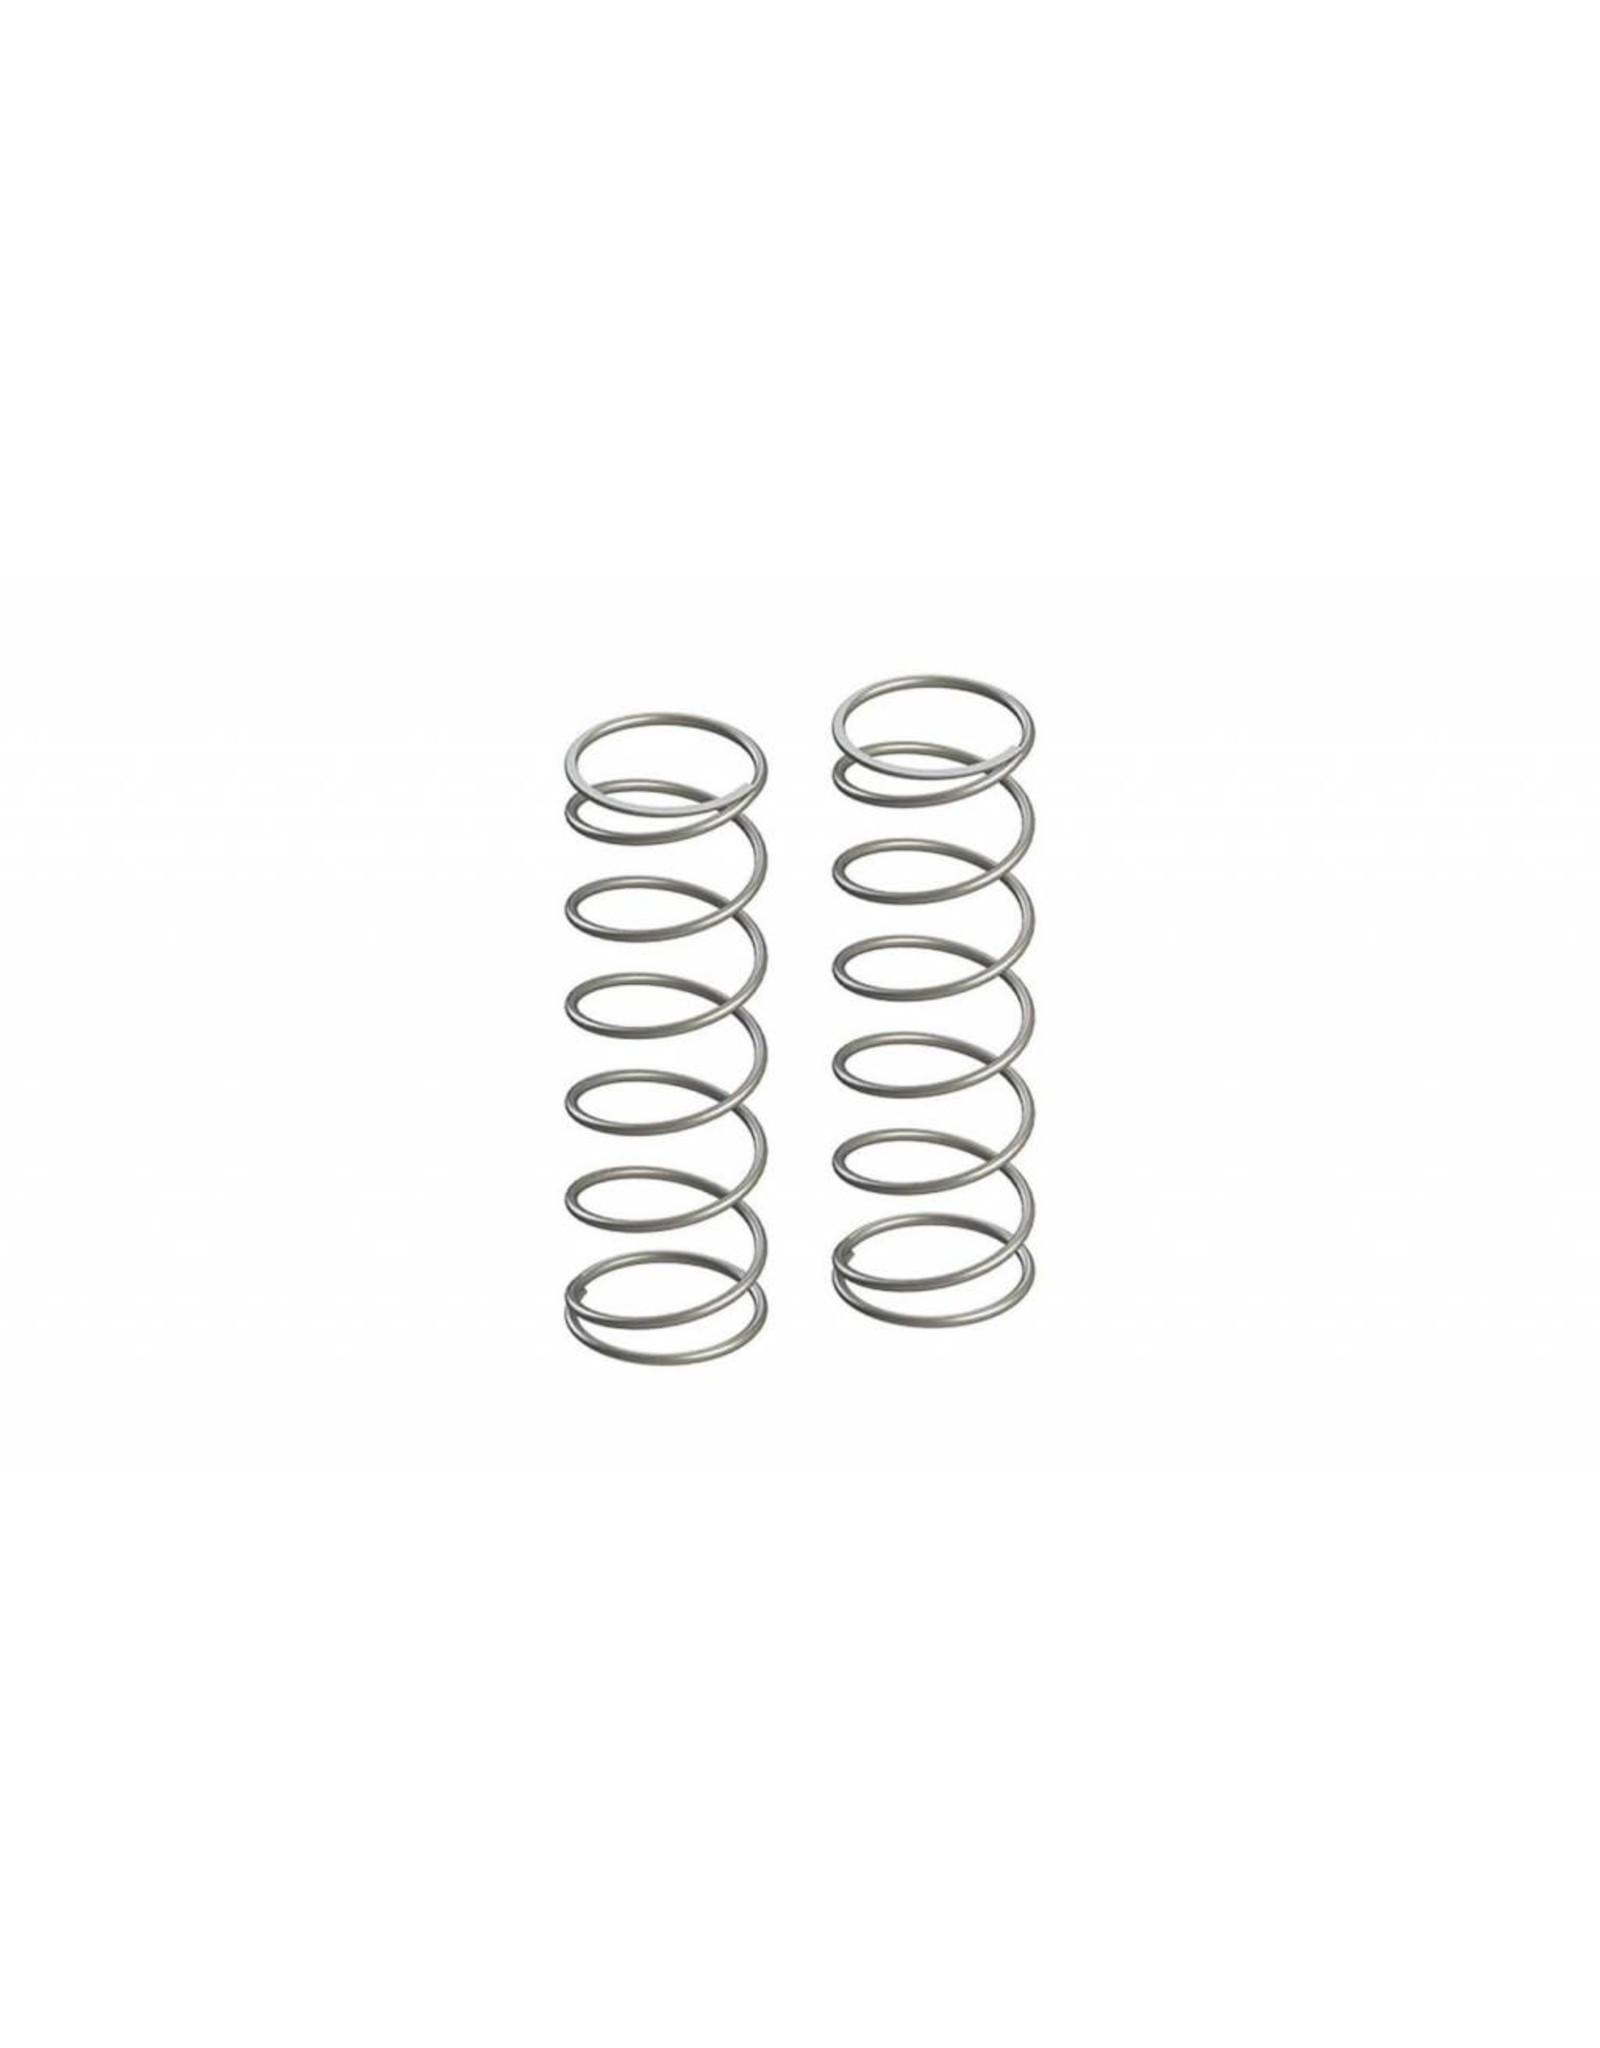 Arrma ARRMA Shock Spring 76mm M 73.6gf/mm KRAT0N (2)